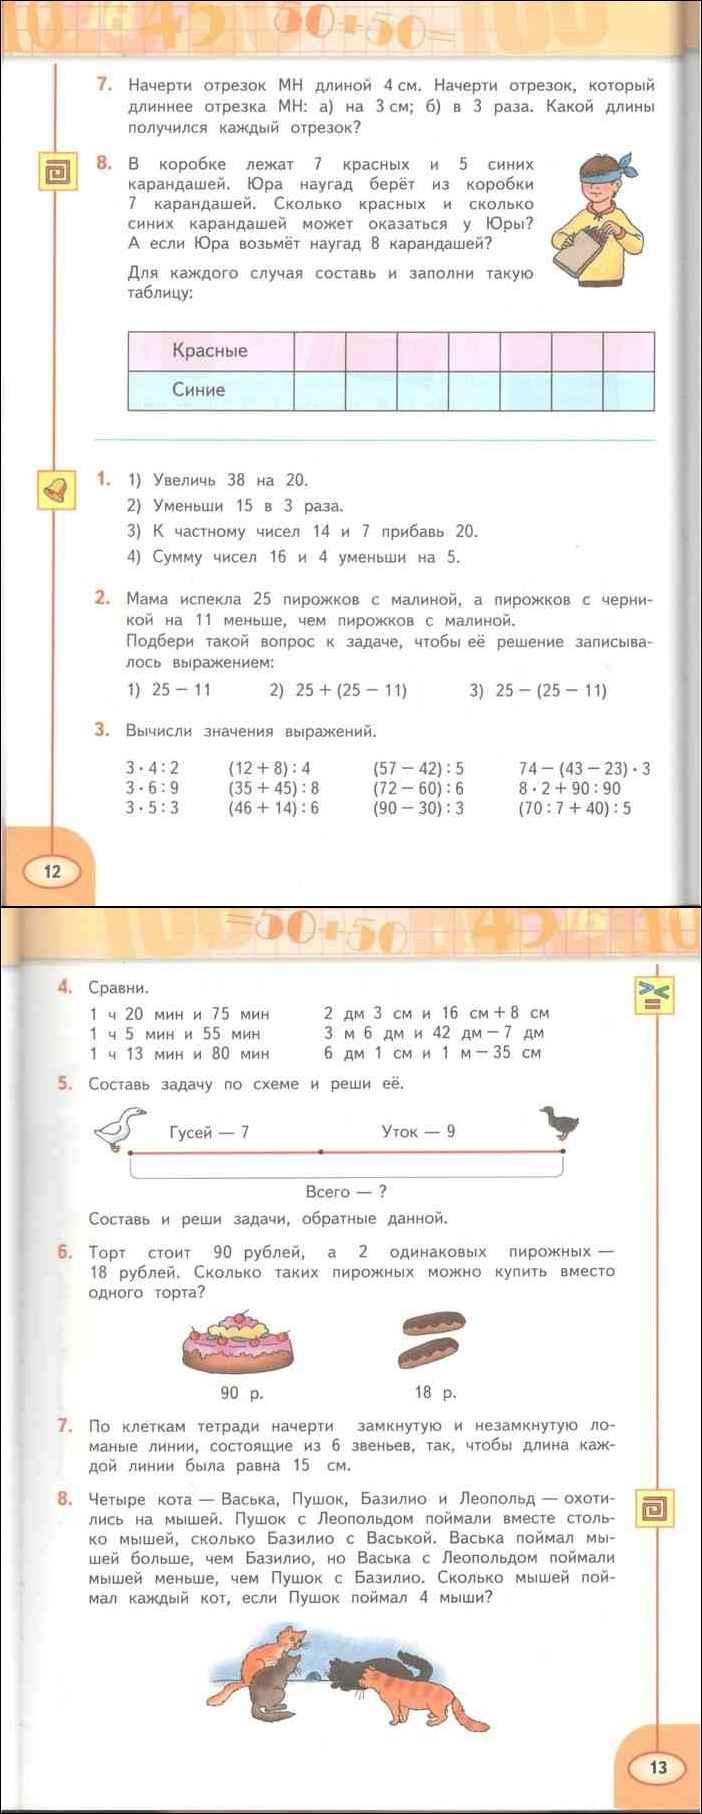 Решение задач по математике 3 класса дорофеев решение задач по строймеху